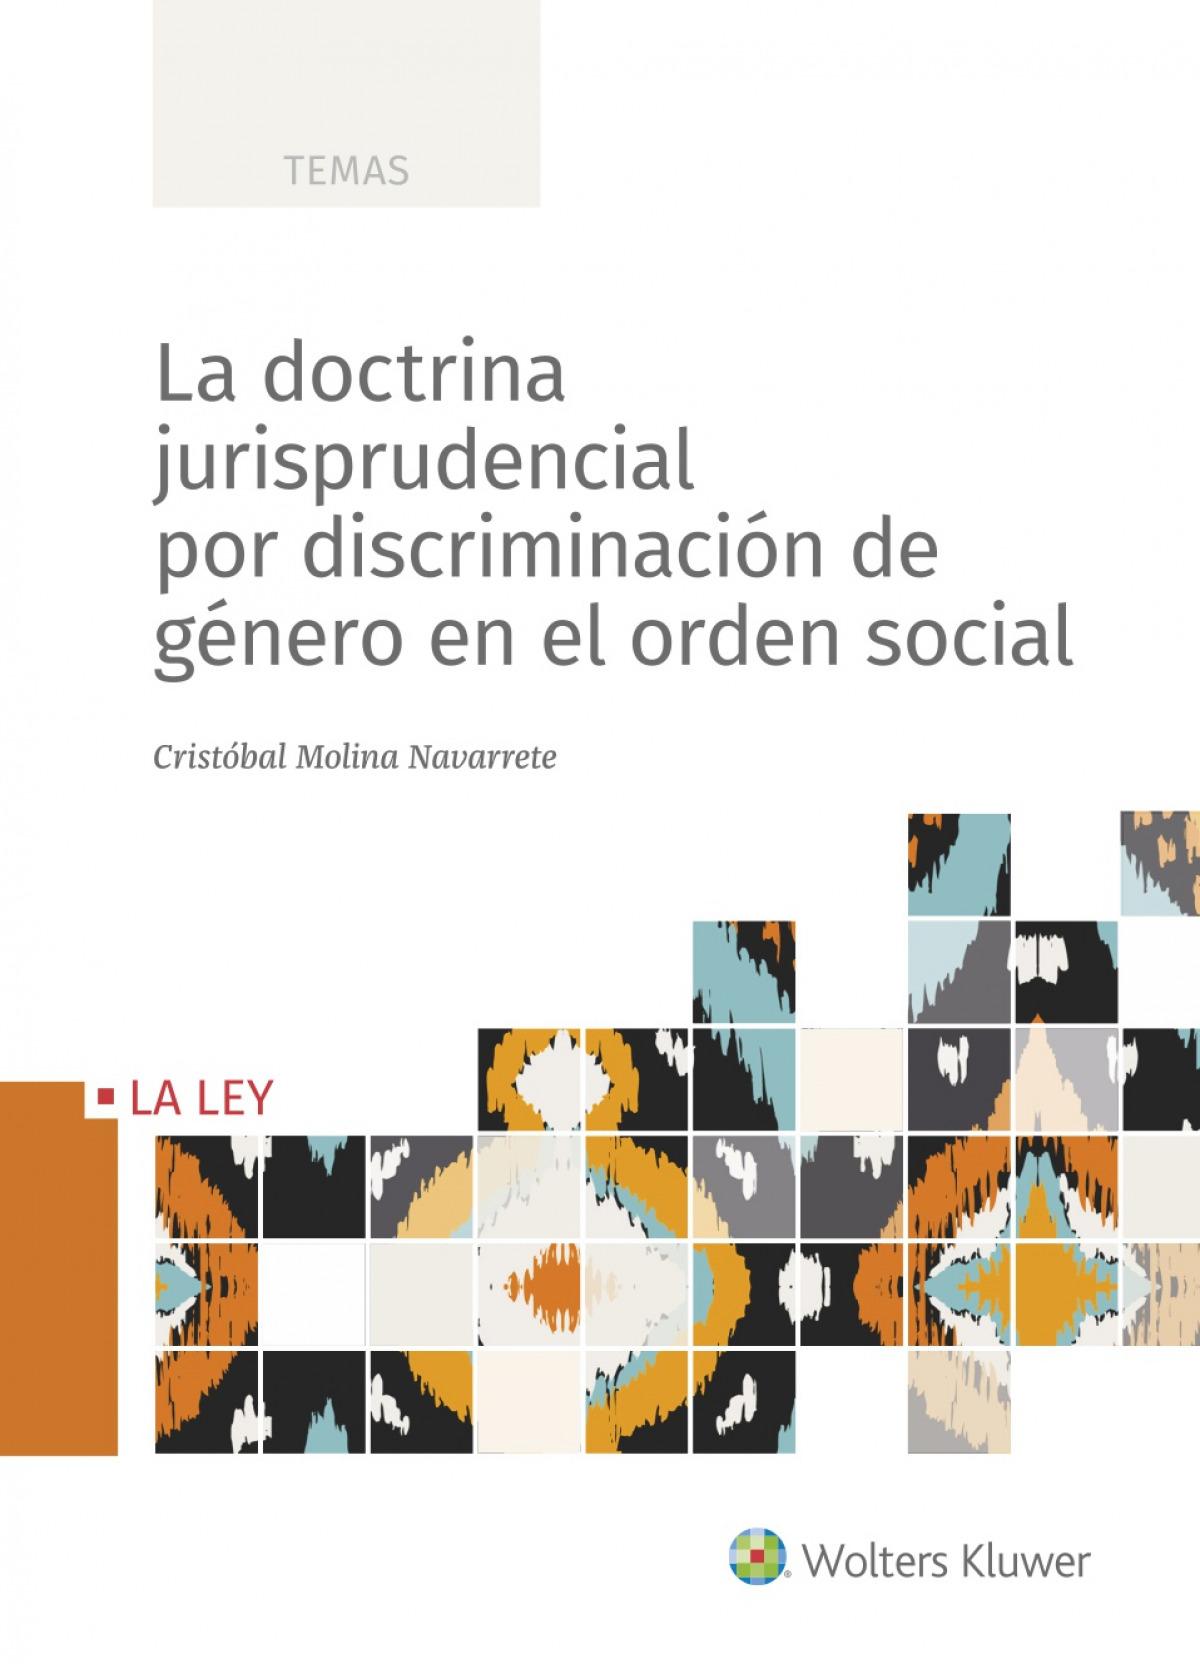 La doctrina jurisprudencial por discriminación de género en el orden social